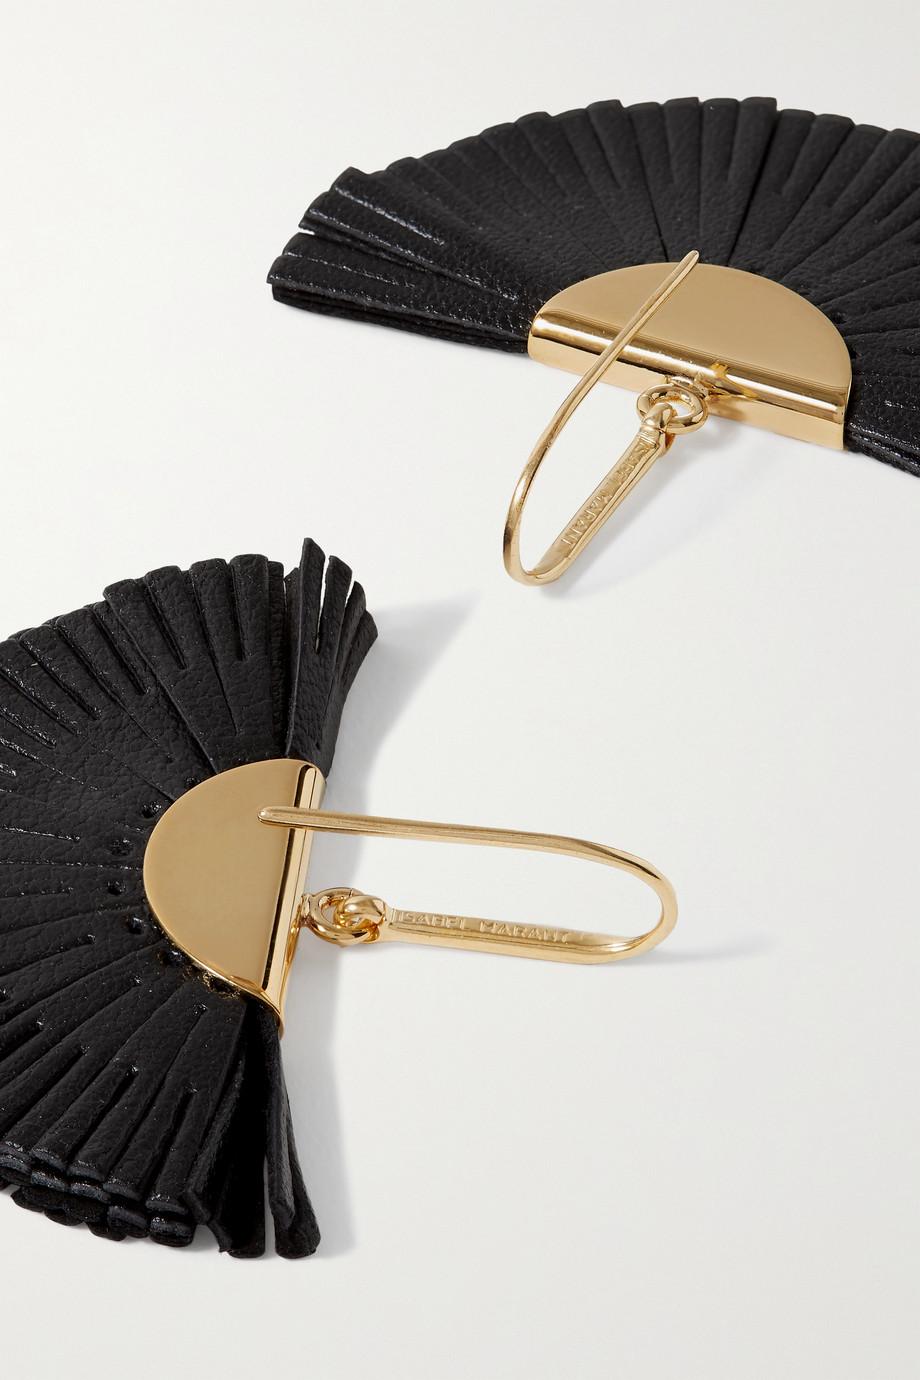 Isabel Marant Ohrringe aus Leder mit goldfarbenen Details